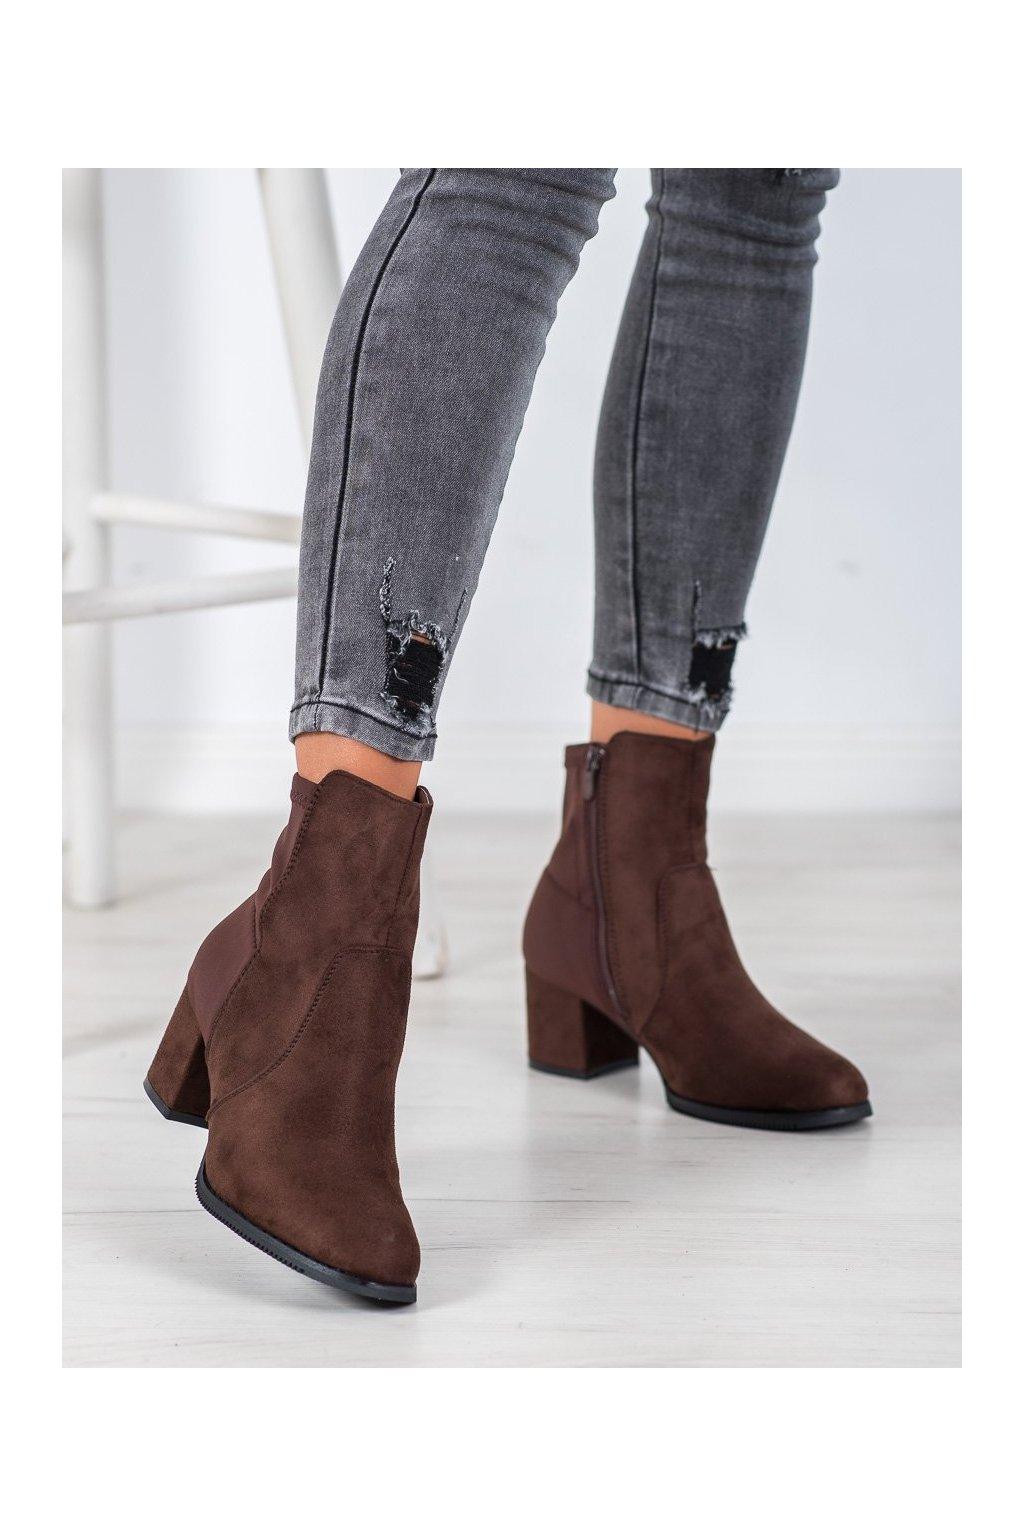 Hnedé dámske topánky J. star kod V19043BR